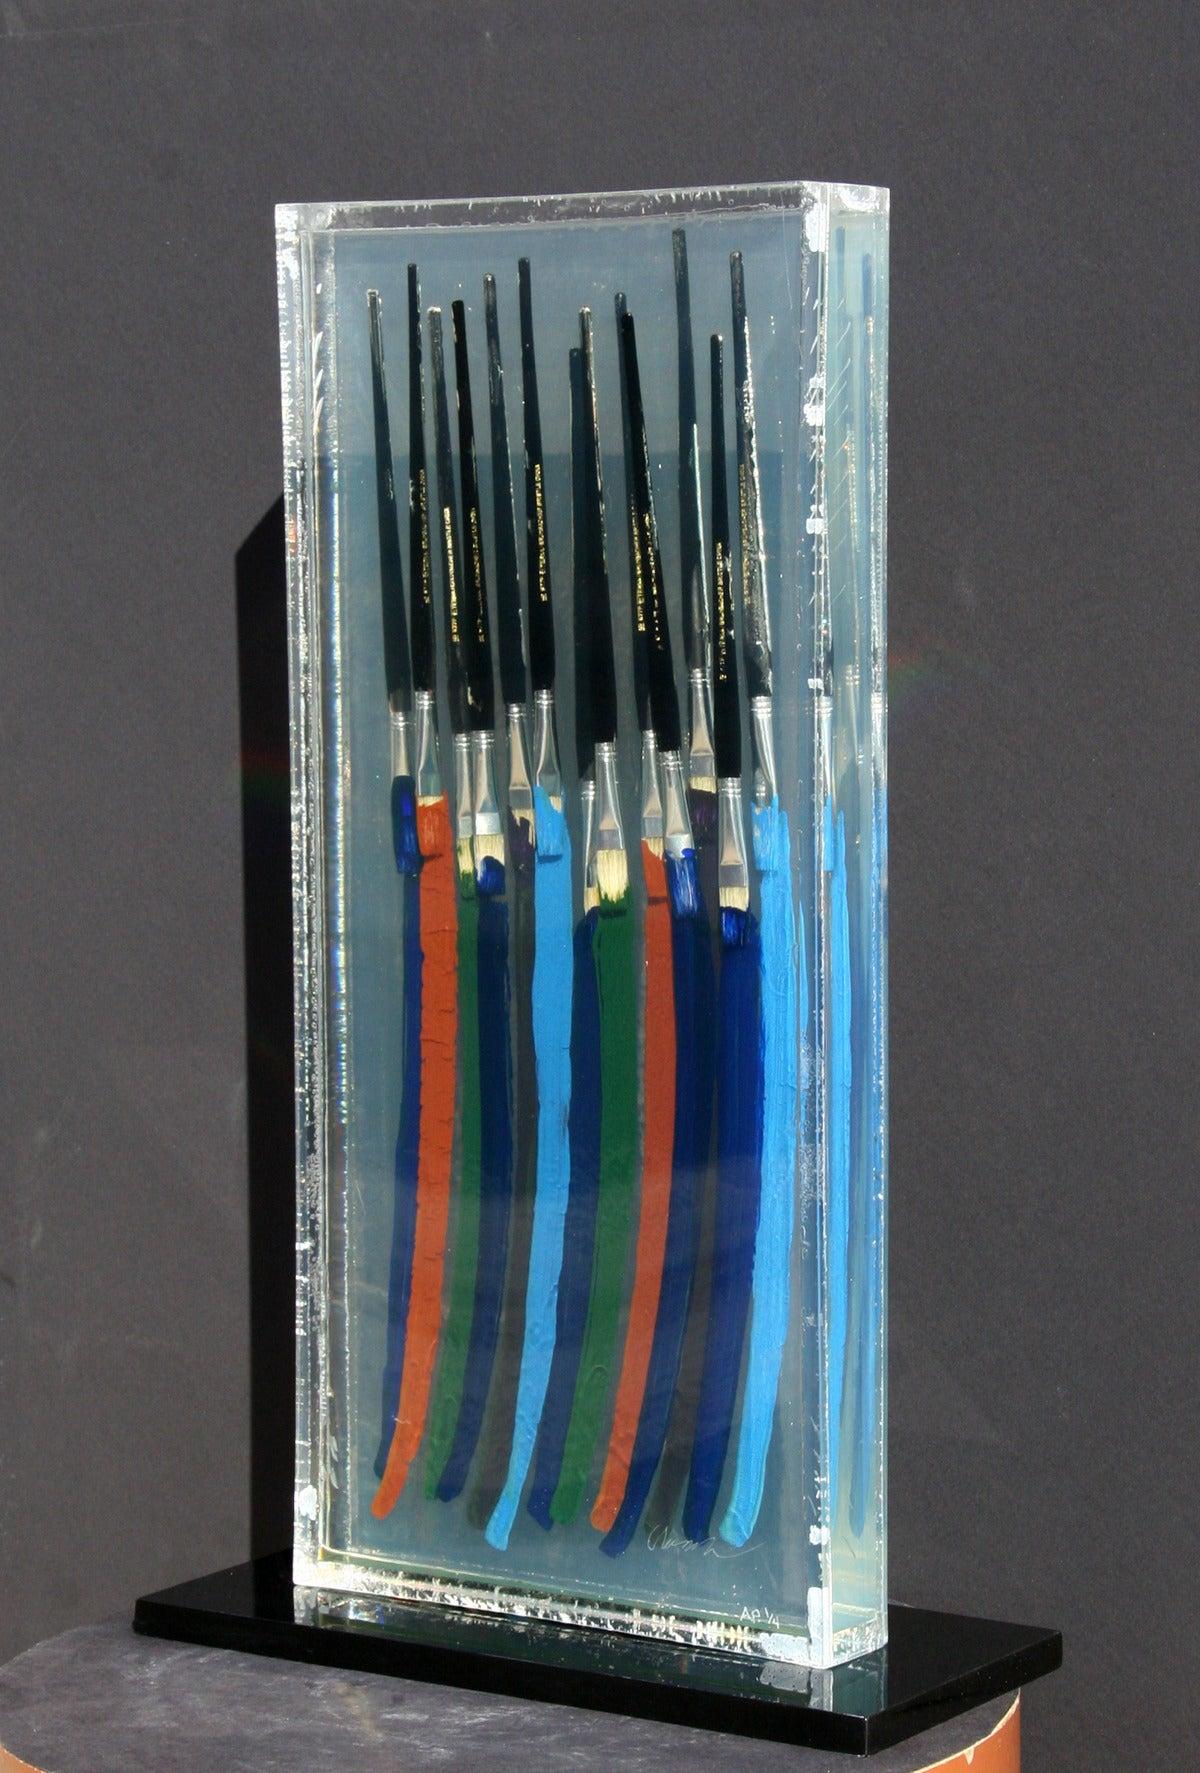 Paintbrushes I